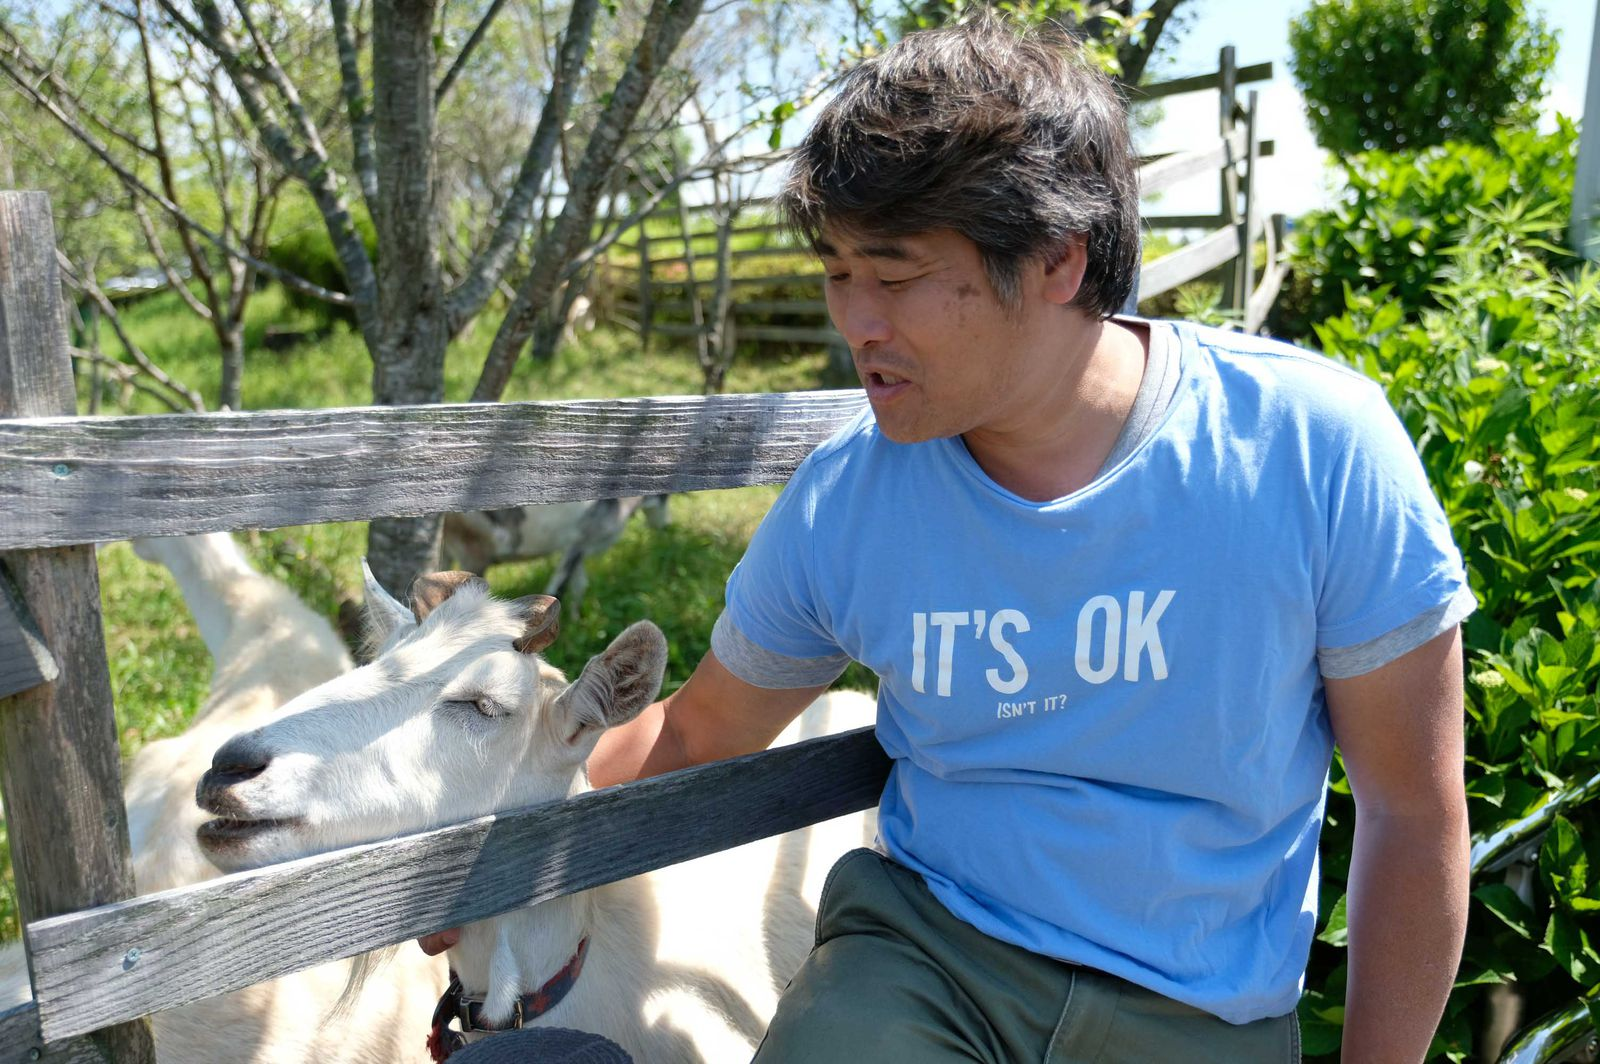 「ヤギさんは一緒に生きるパートナーです」と愛おしそうに語る渡辺さん。その活動が評価され、第46回日本農業賞、地球温暖化防止活動環境大臣賞などを受賞しています